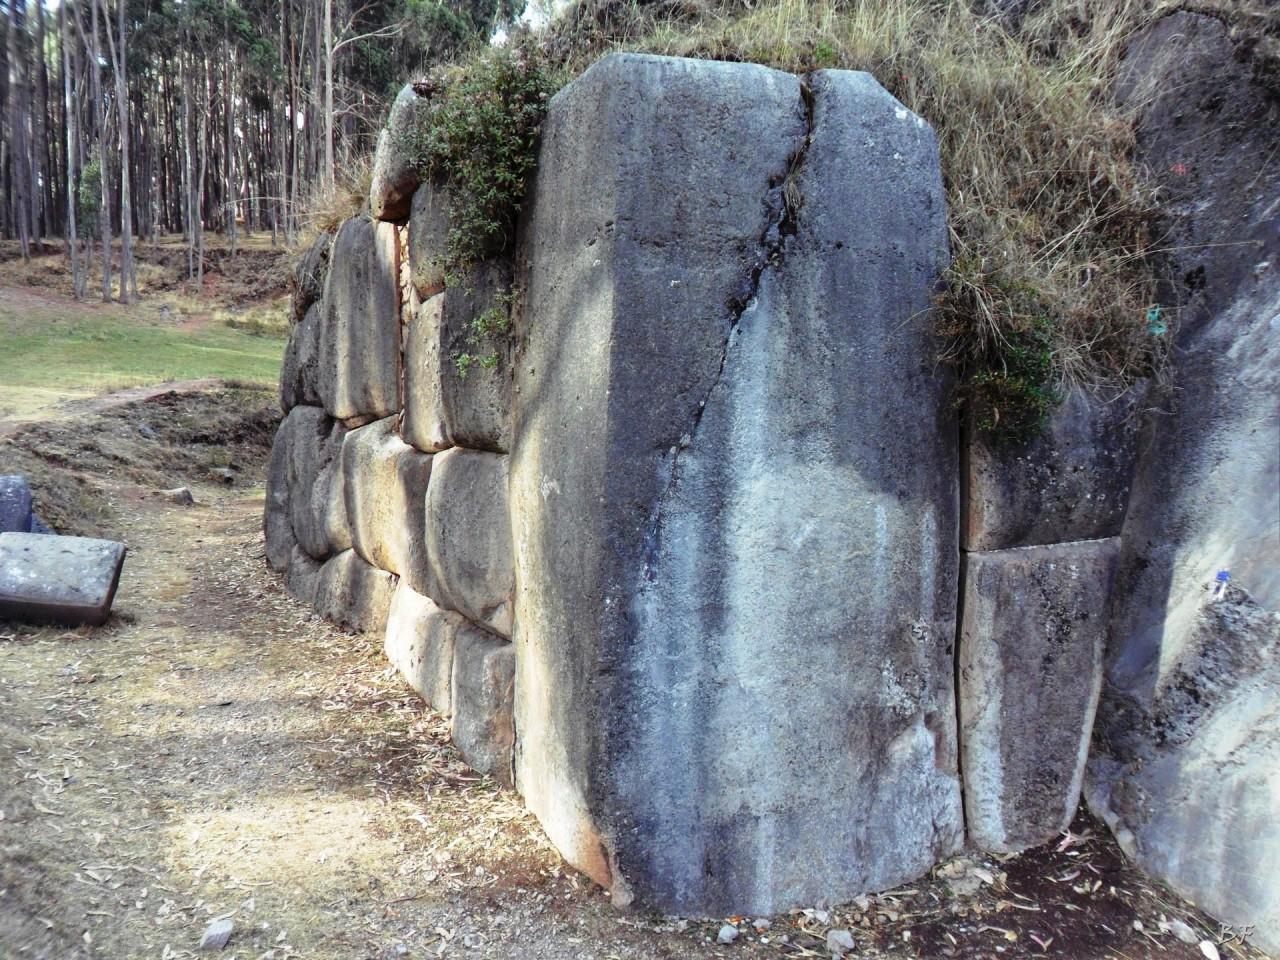 Qenqo-Chico-Altari-Mura-Poligonali-Megaliti-Cusco-Perù-14